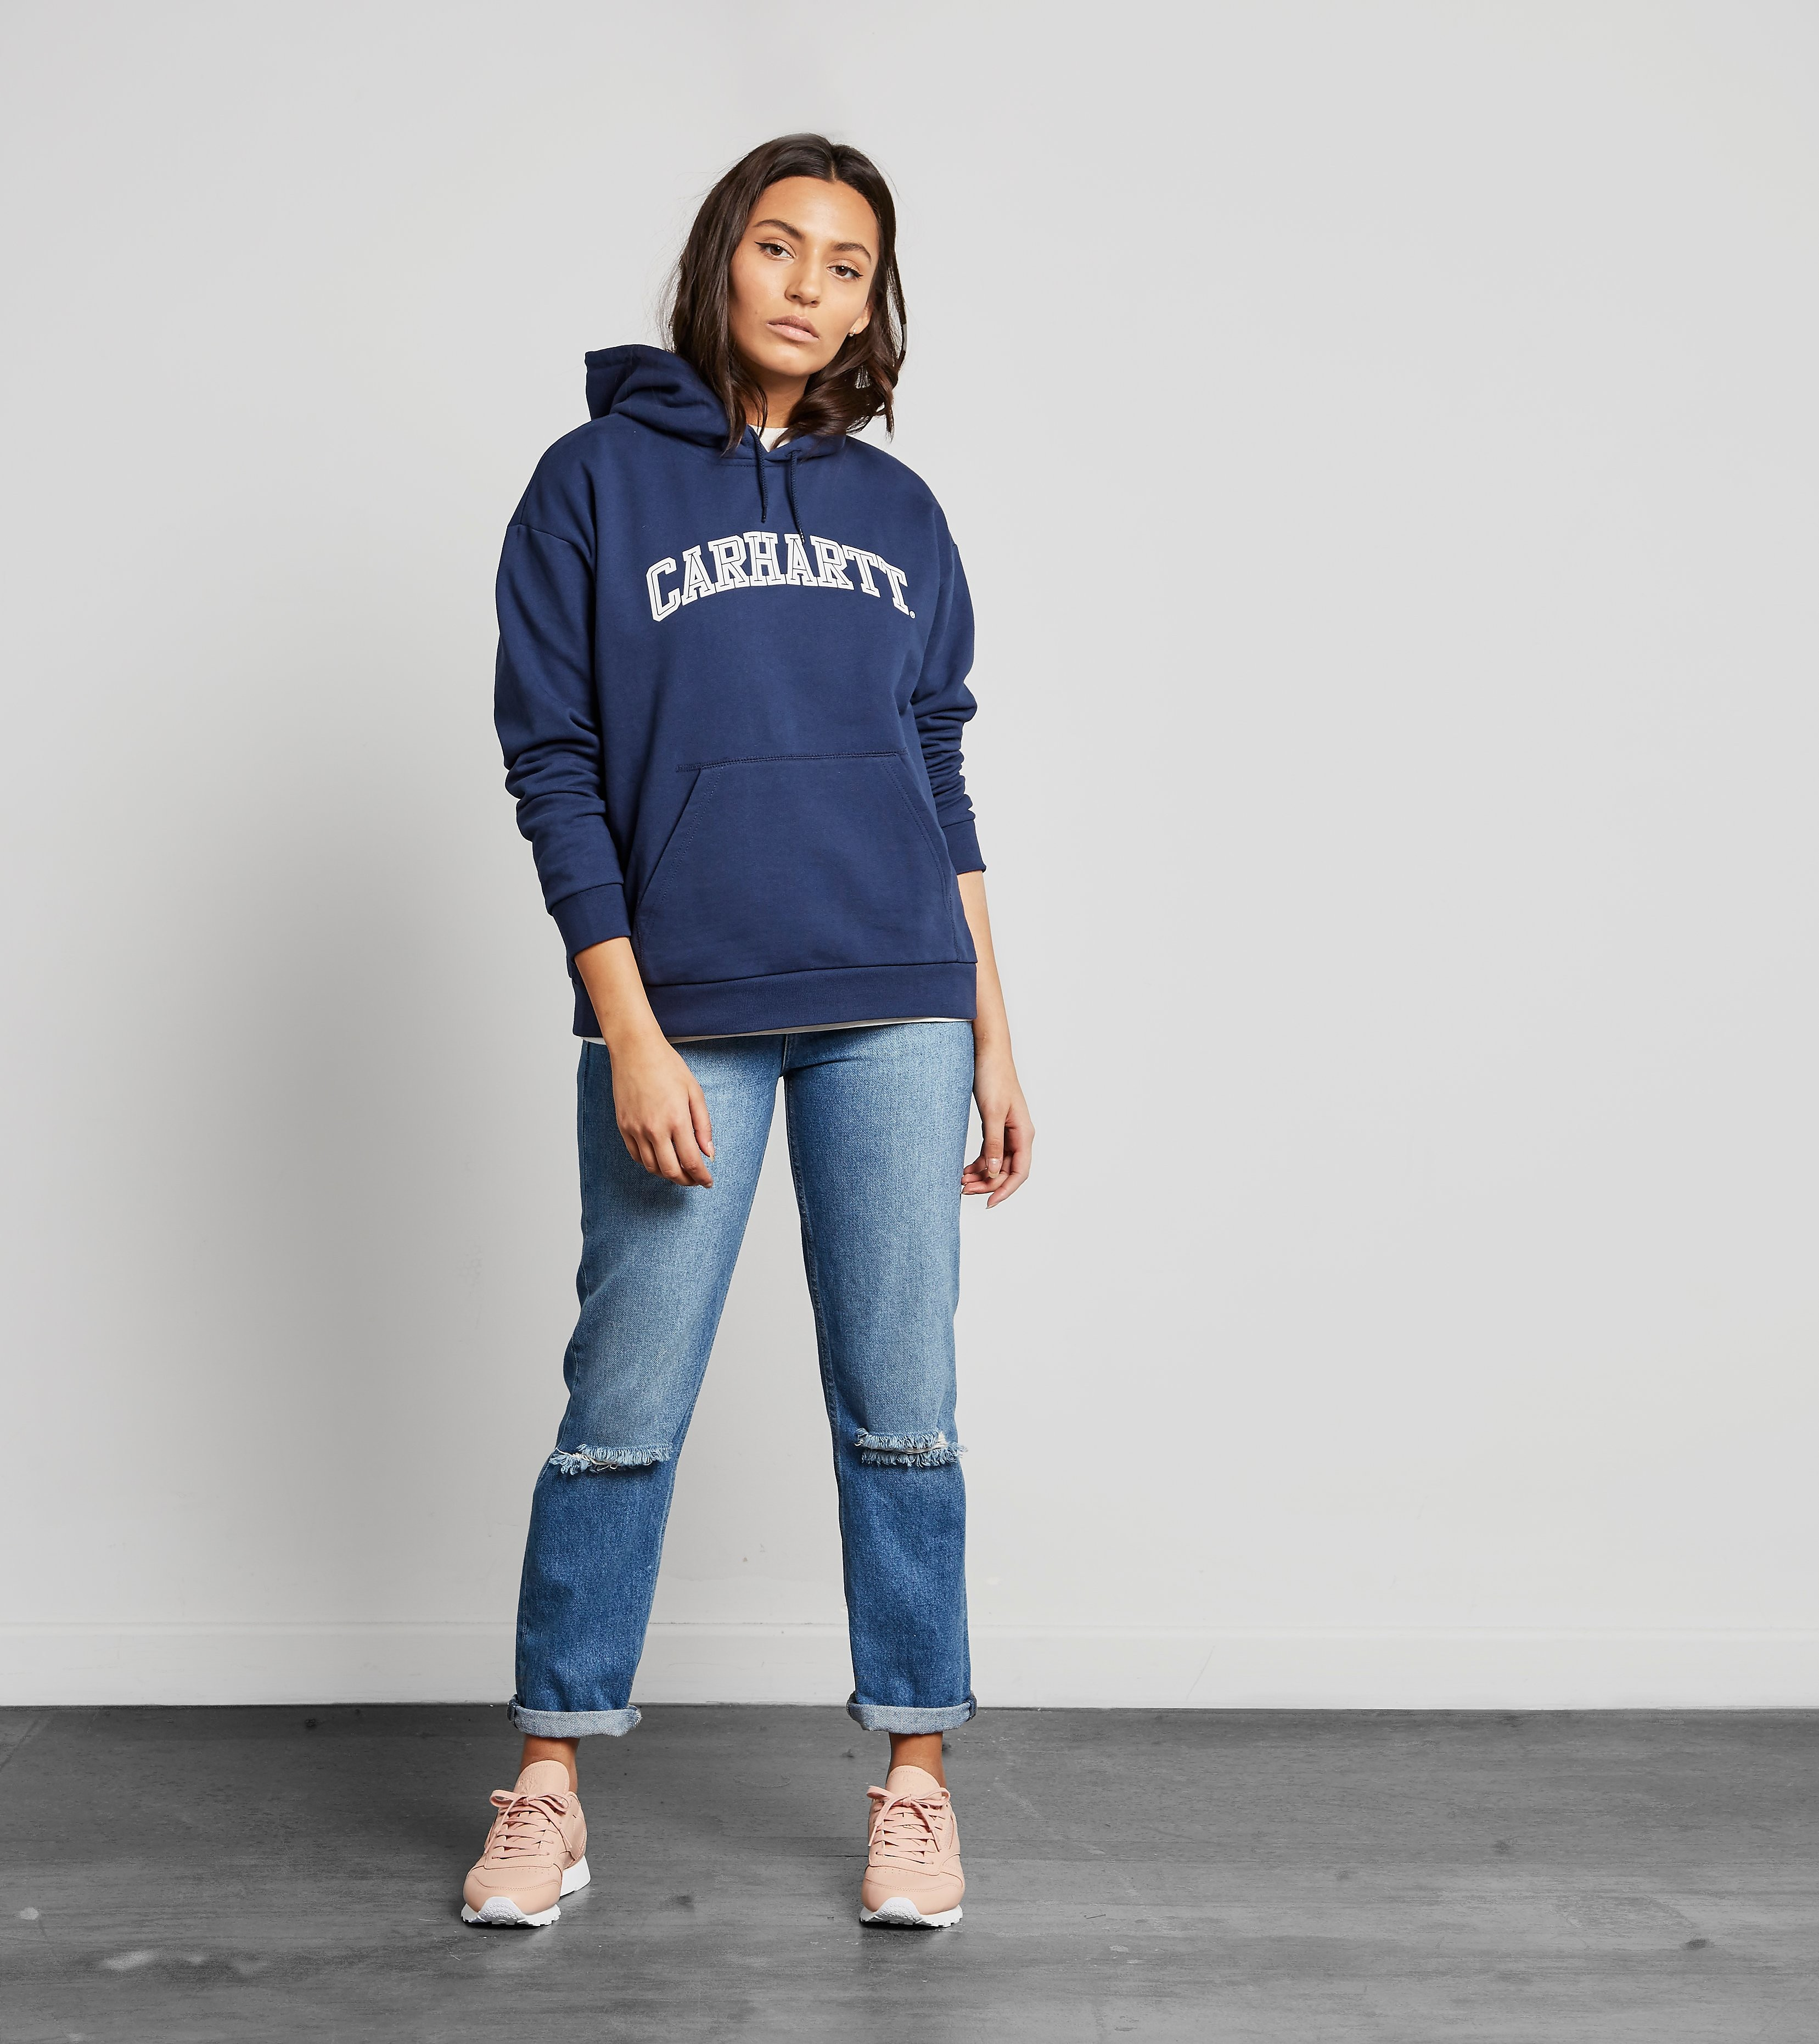 Carhartt WIP Yale Hoody Women's